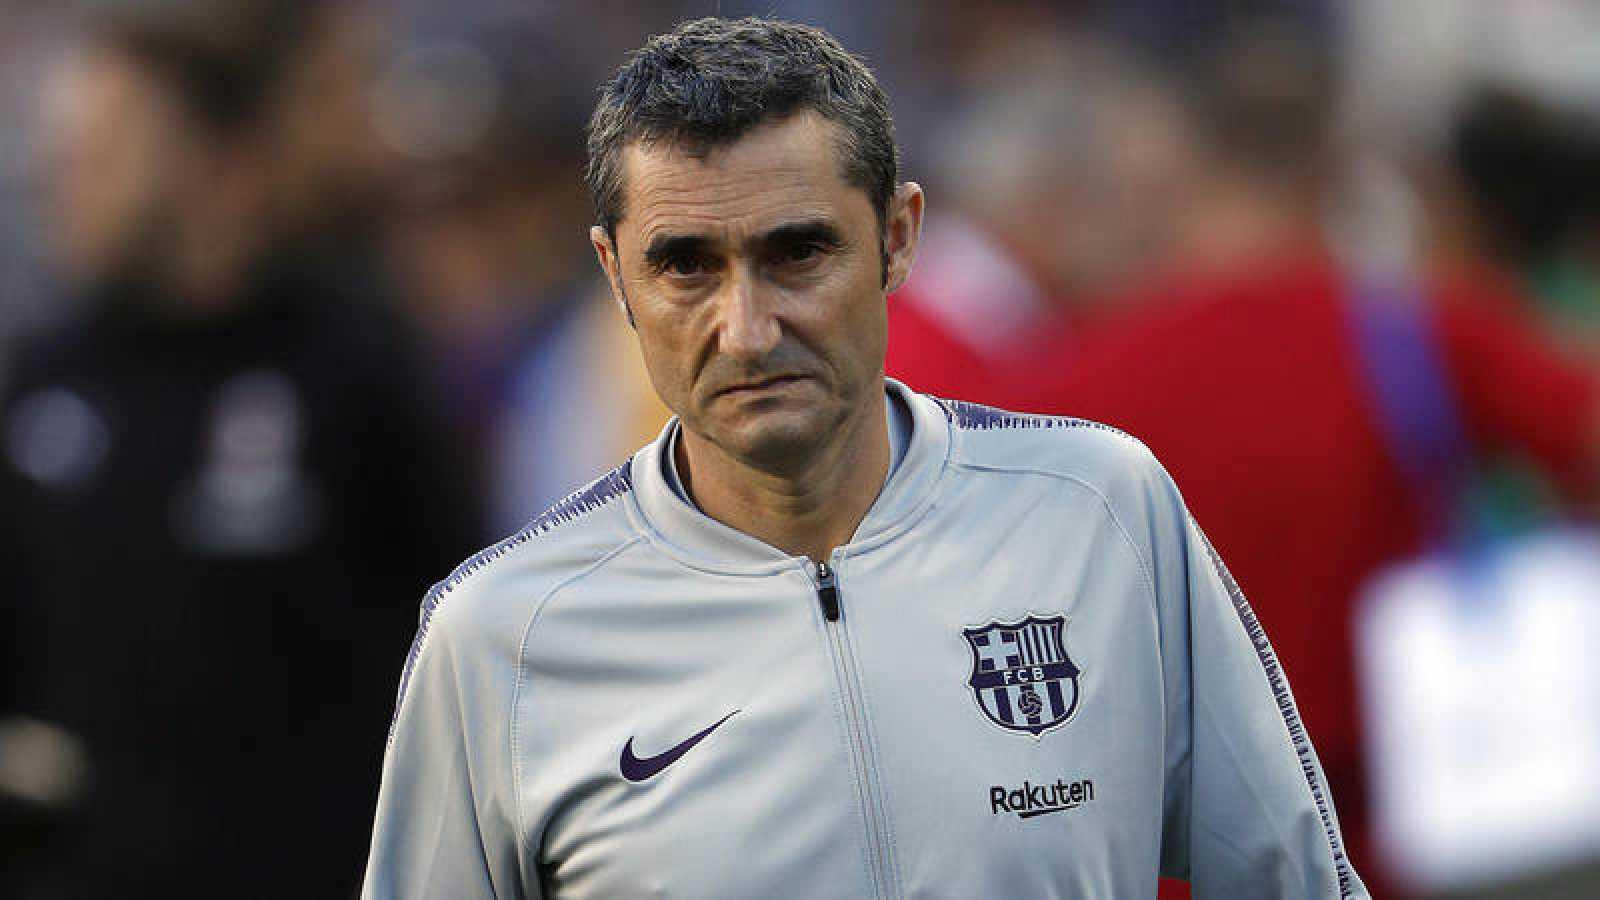 El entrenador del FC Barcelona, Ernesto Valverde.